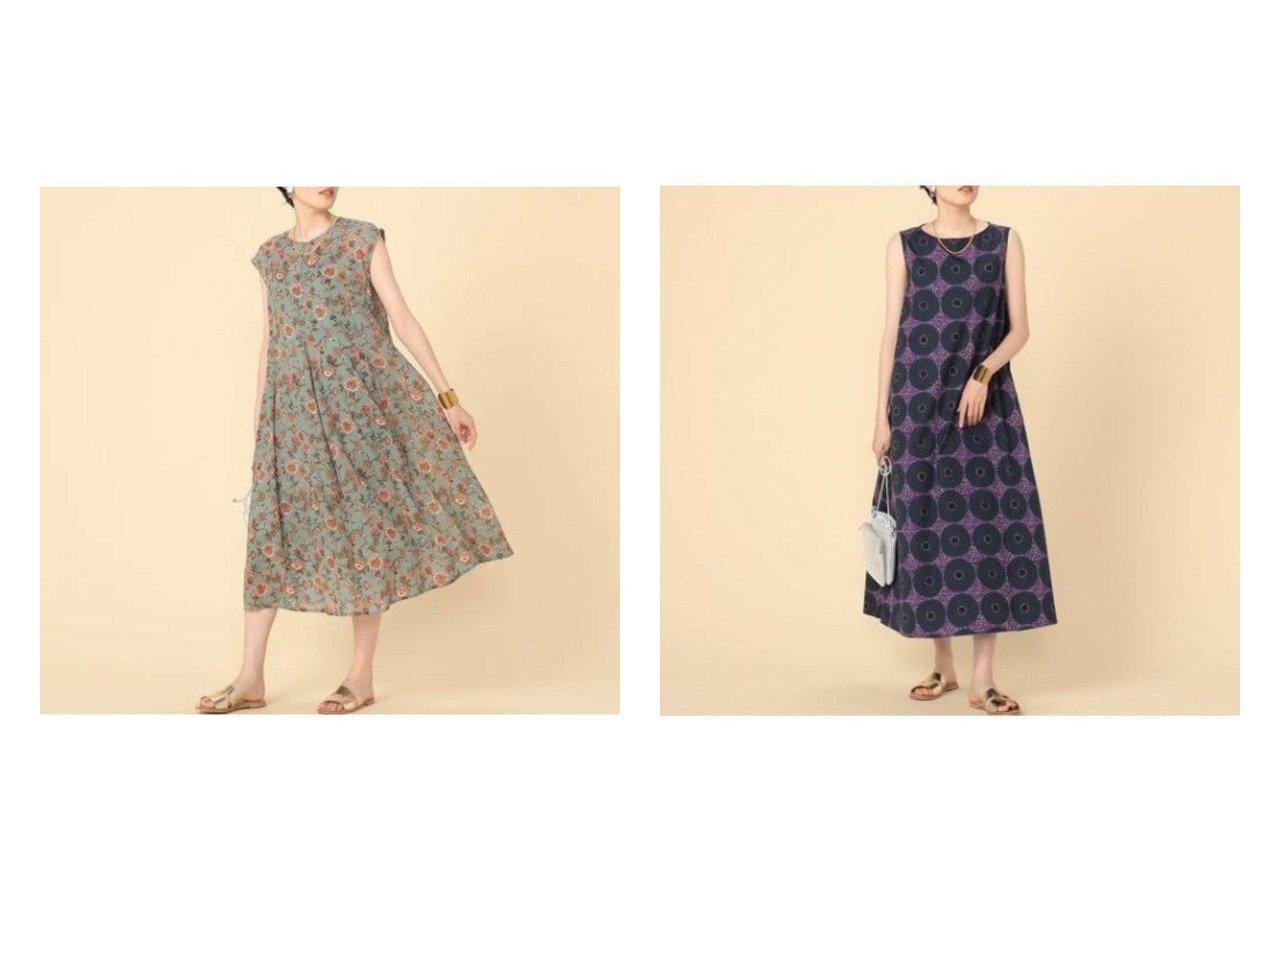 【NOLLEY'S/ノーリーズ】のフラワープリントワンピース&【ルグラジック】 バティックワンピース 【ワンピース・ドレス】おすすめ!人気、トレンド・レディースファッションの通販 おすすめで人気の流行・トレンド、ファッションの通販商品 インテリア・家具・メンズファッション・キッズファッション・レディースファッション・服の通販 founy(ファニー) https://founy.com/ ファッション Fashion レディースファッション WOMEN ワンピース Dress シアー スリーブ ノースリーブ フレンチ プリント リゾート 人気 フランス ワーク |ID:crp329100000047628